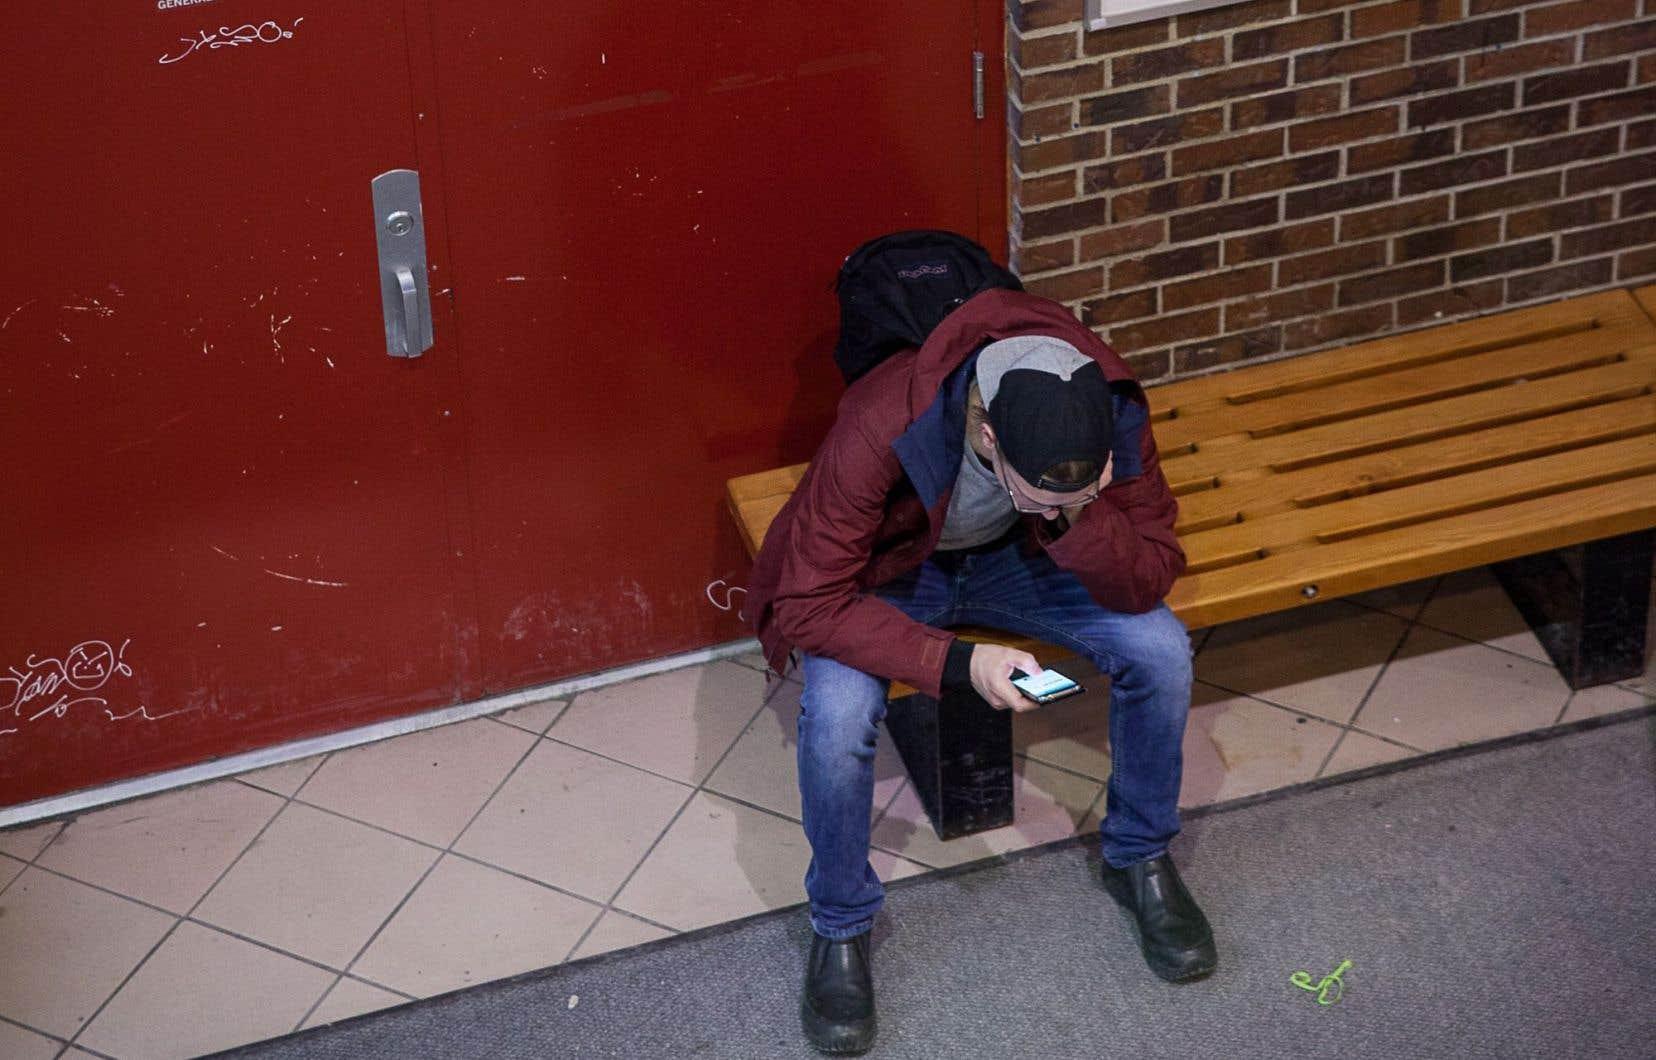 Les chercheurs du Centre de prévention de la radicalisation ont examiné le cas du Collège de Maisonneuve, mais leurs conclusions valent pour toutes les maisons d'enseignement du Québec selon eux.